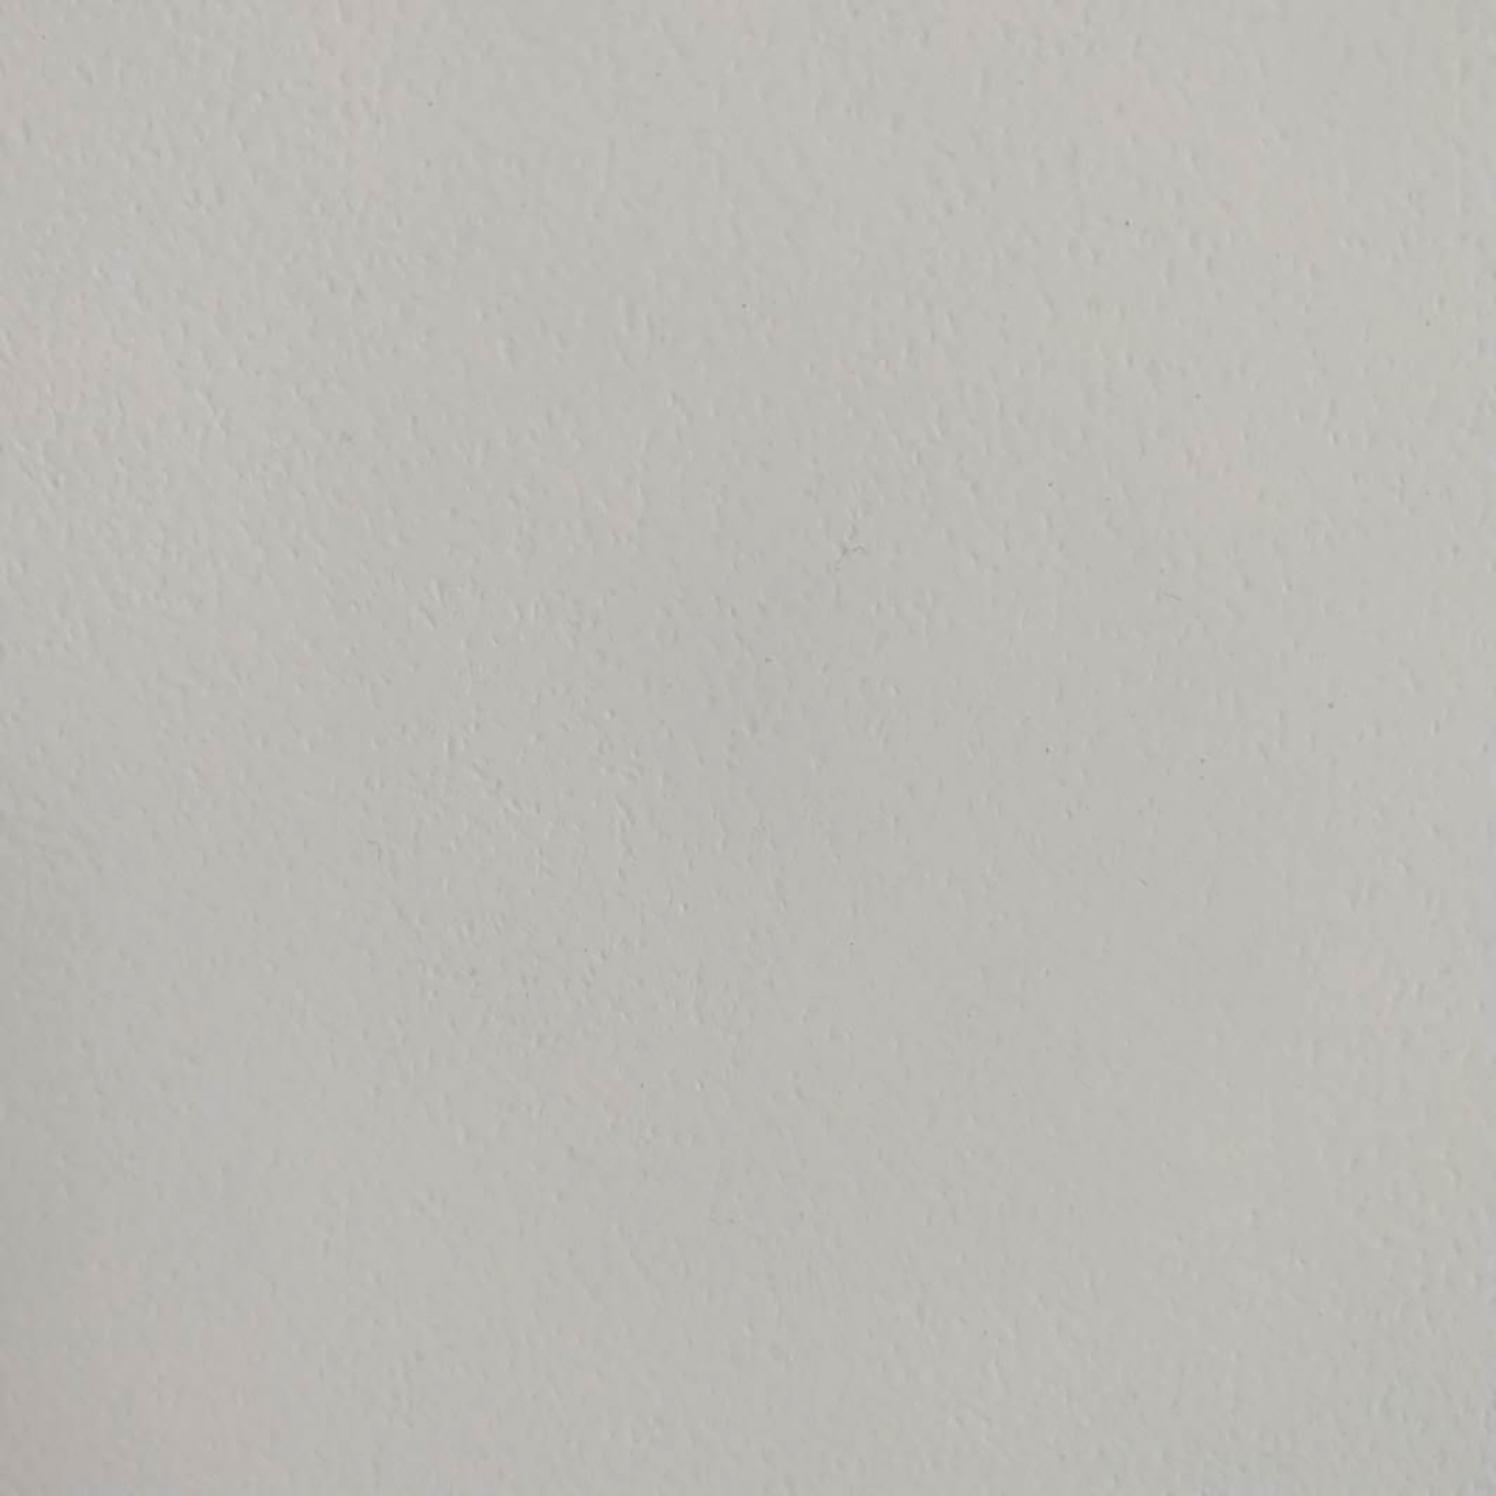 外墙通用丙烯酸面漆图片